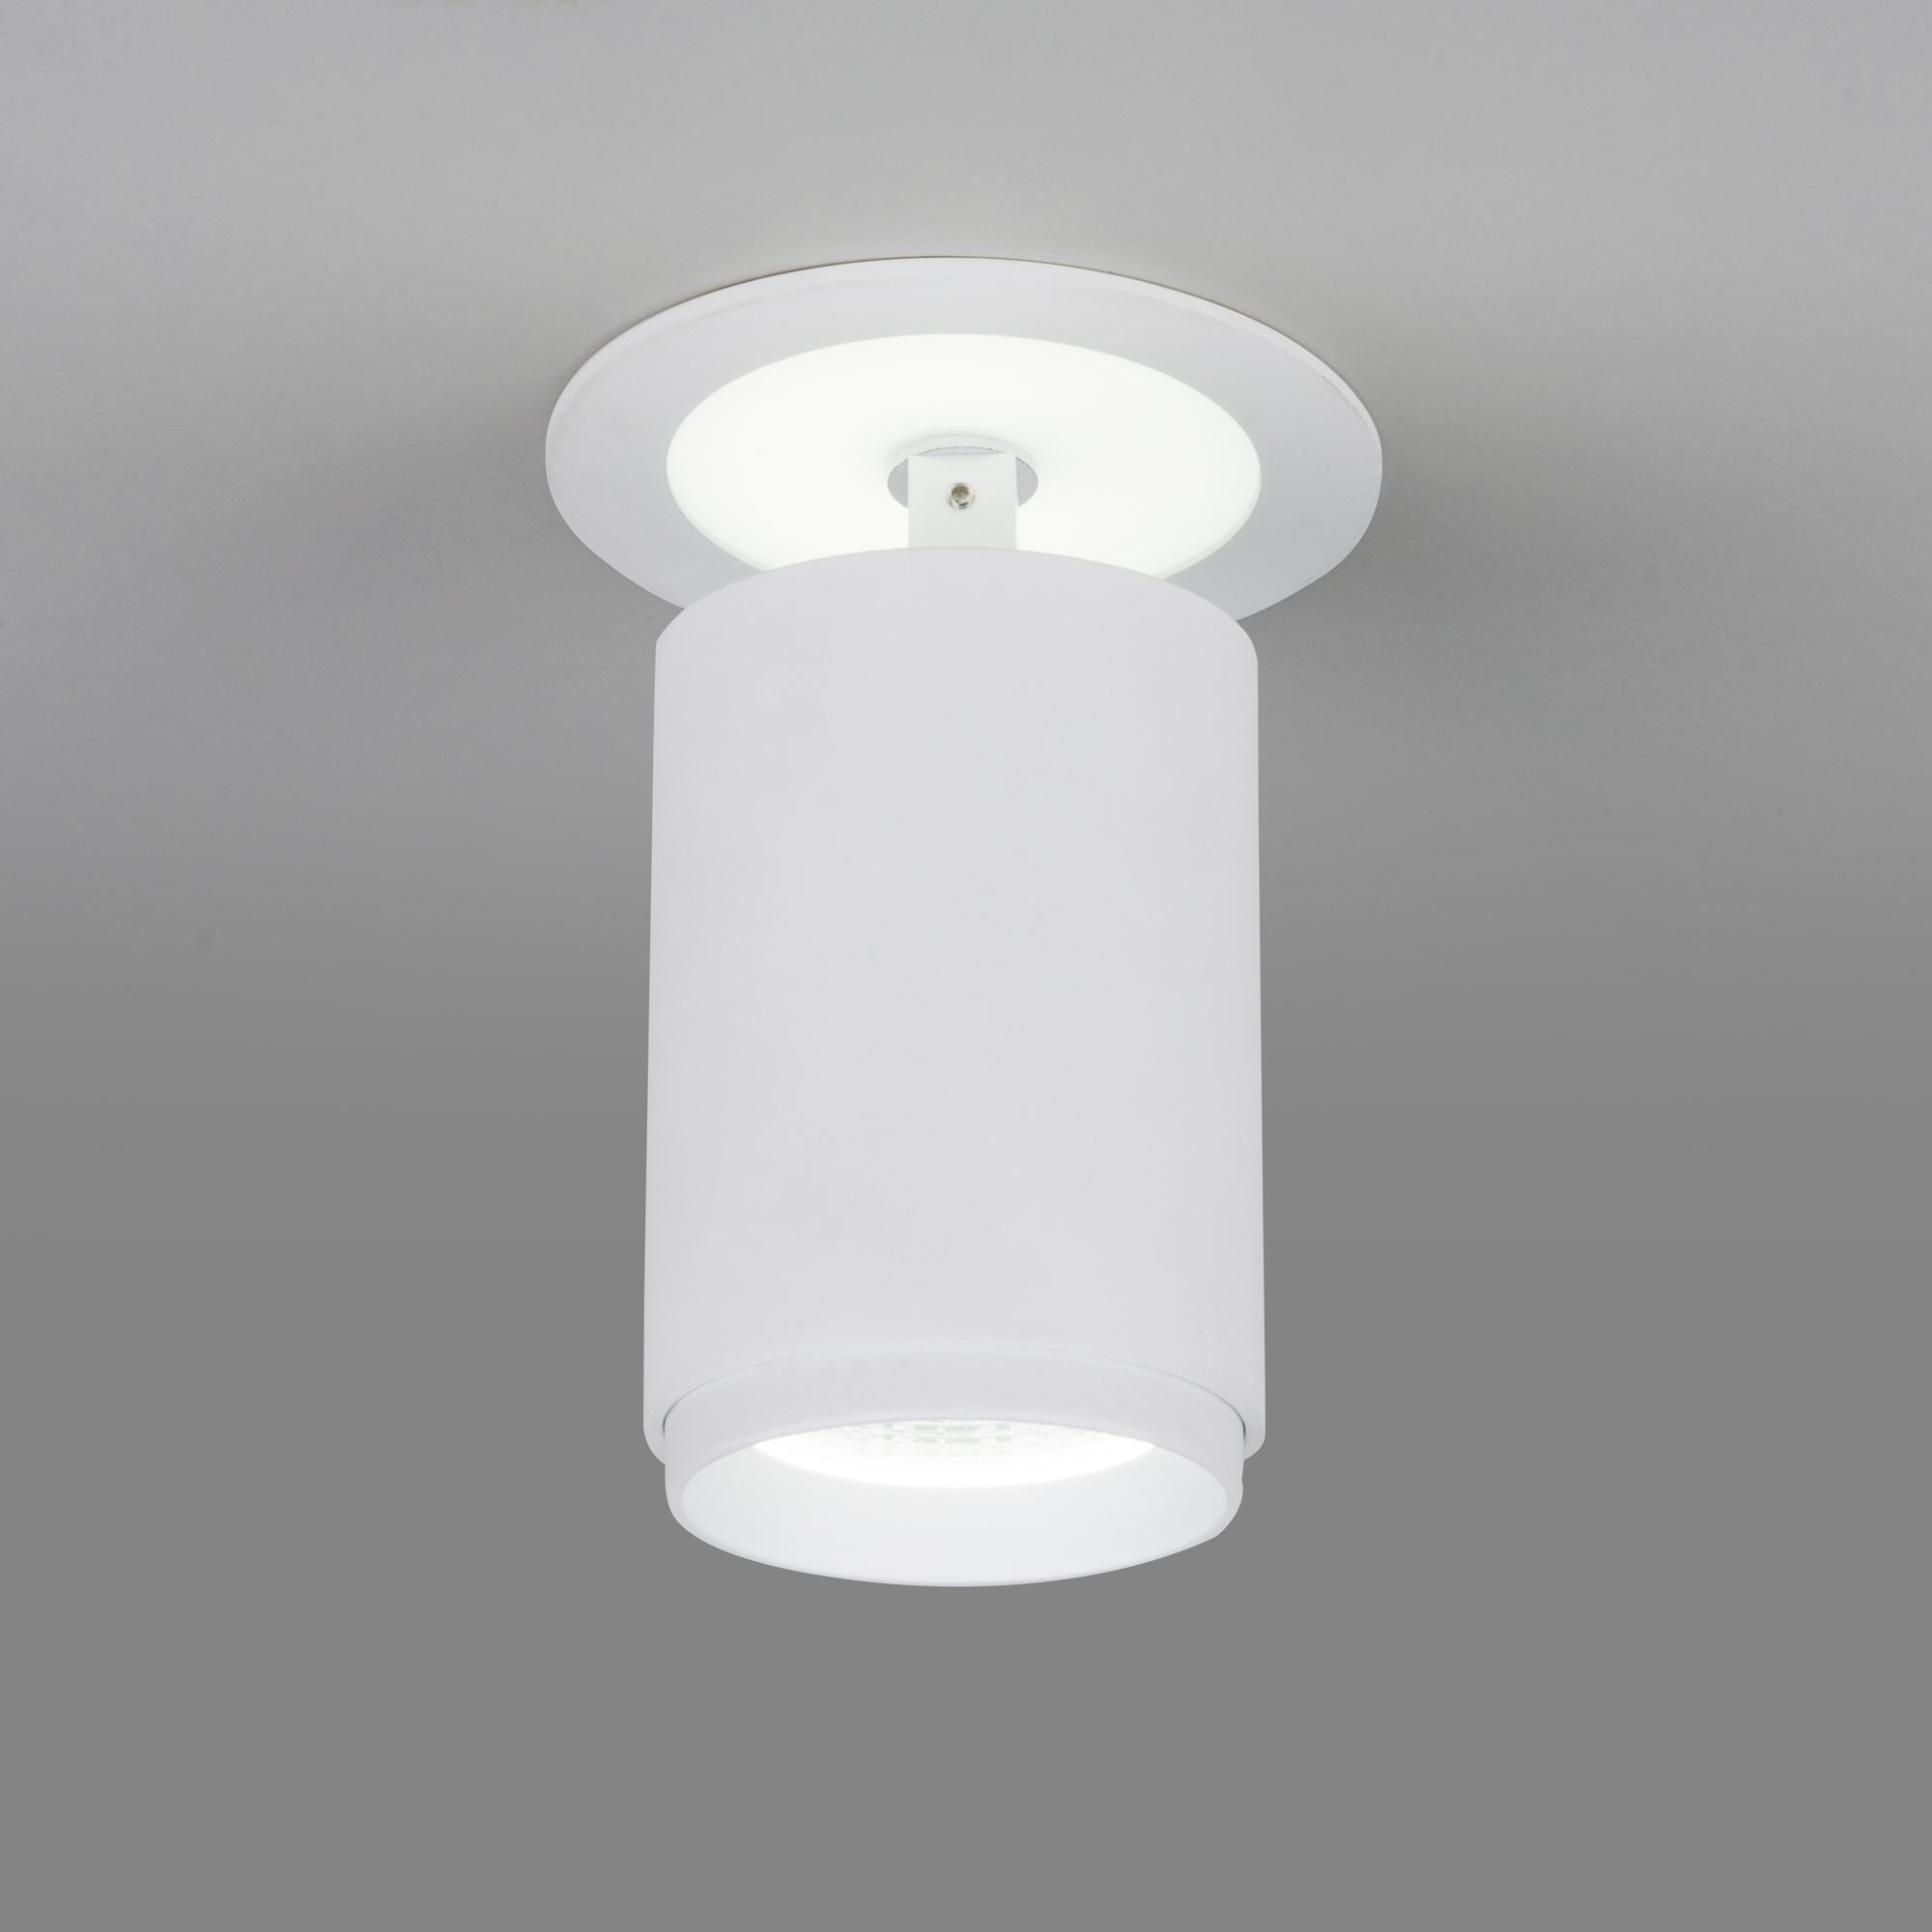 Акцентный светодиодный светильник DSR002 9+3W 6500K белый матовый